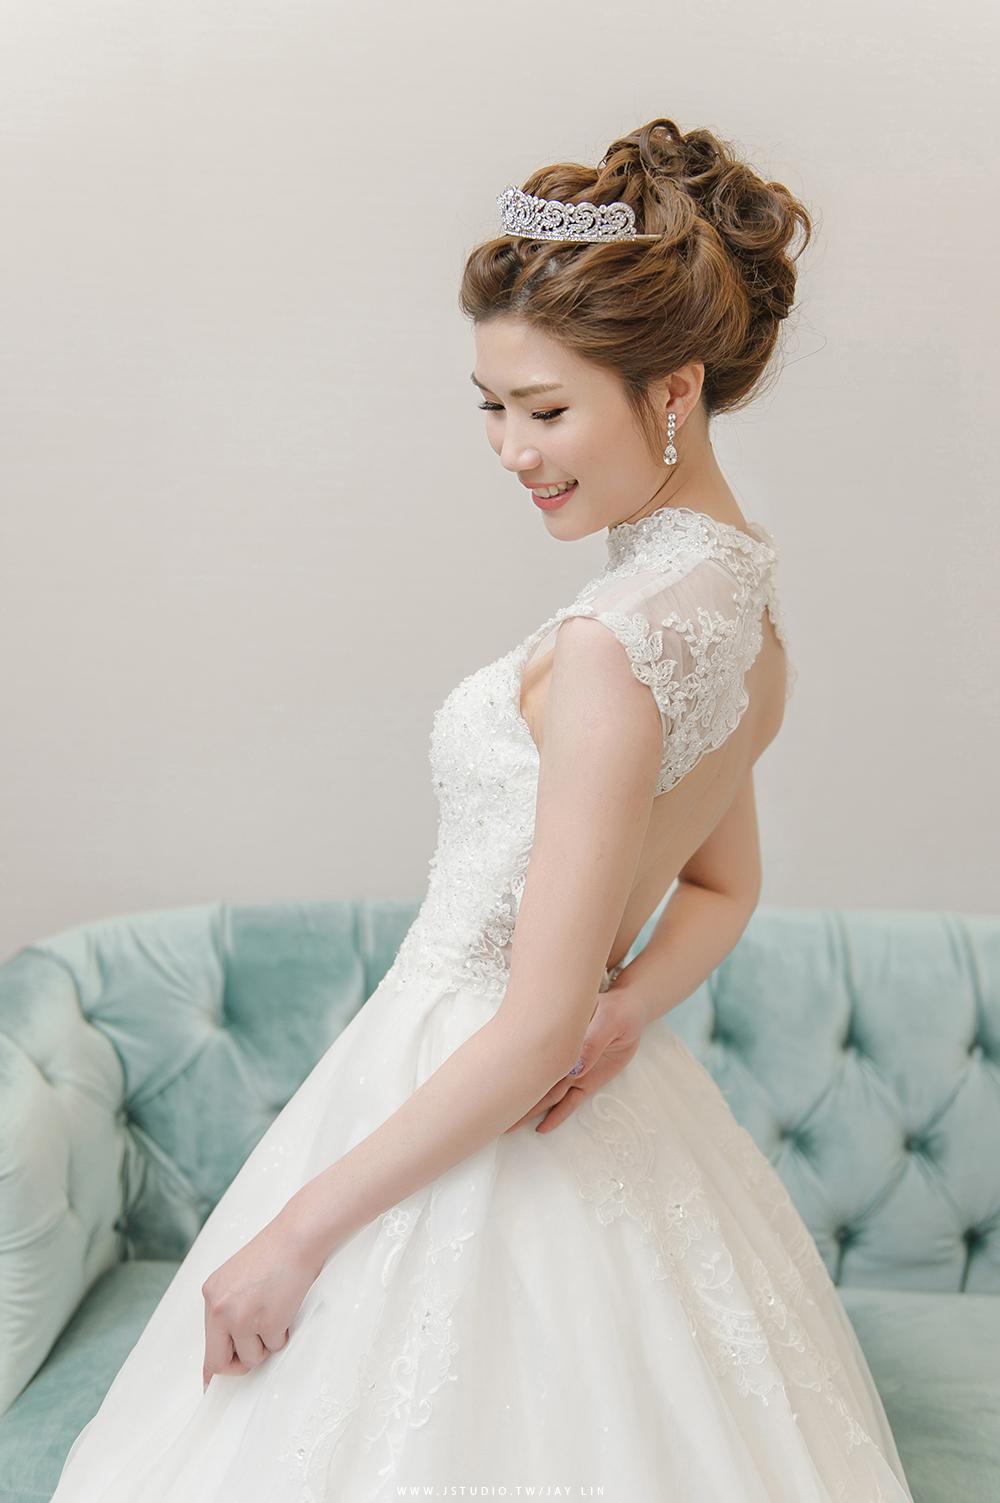 婚攝 台北婚攝 婚禮紀錄 婚攝 推薦婚攝 格萊天漾 JSTUDIO_0137